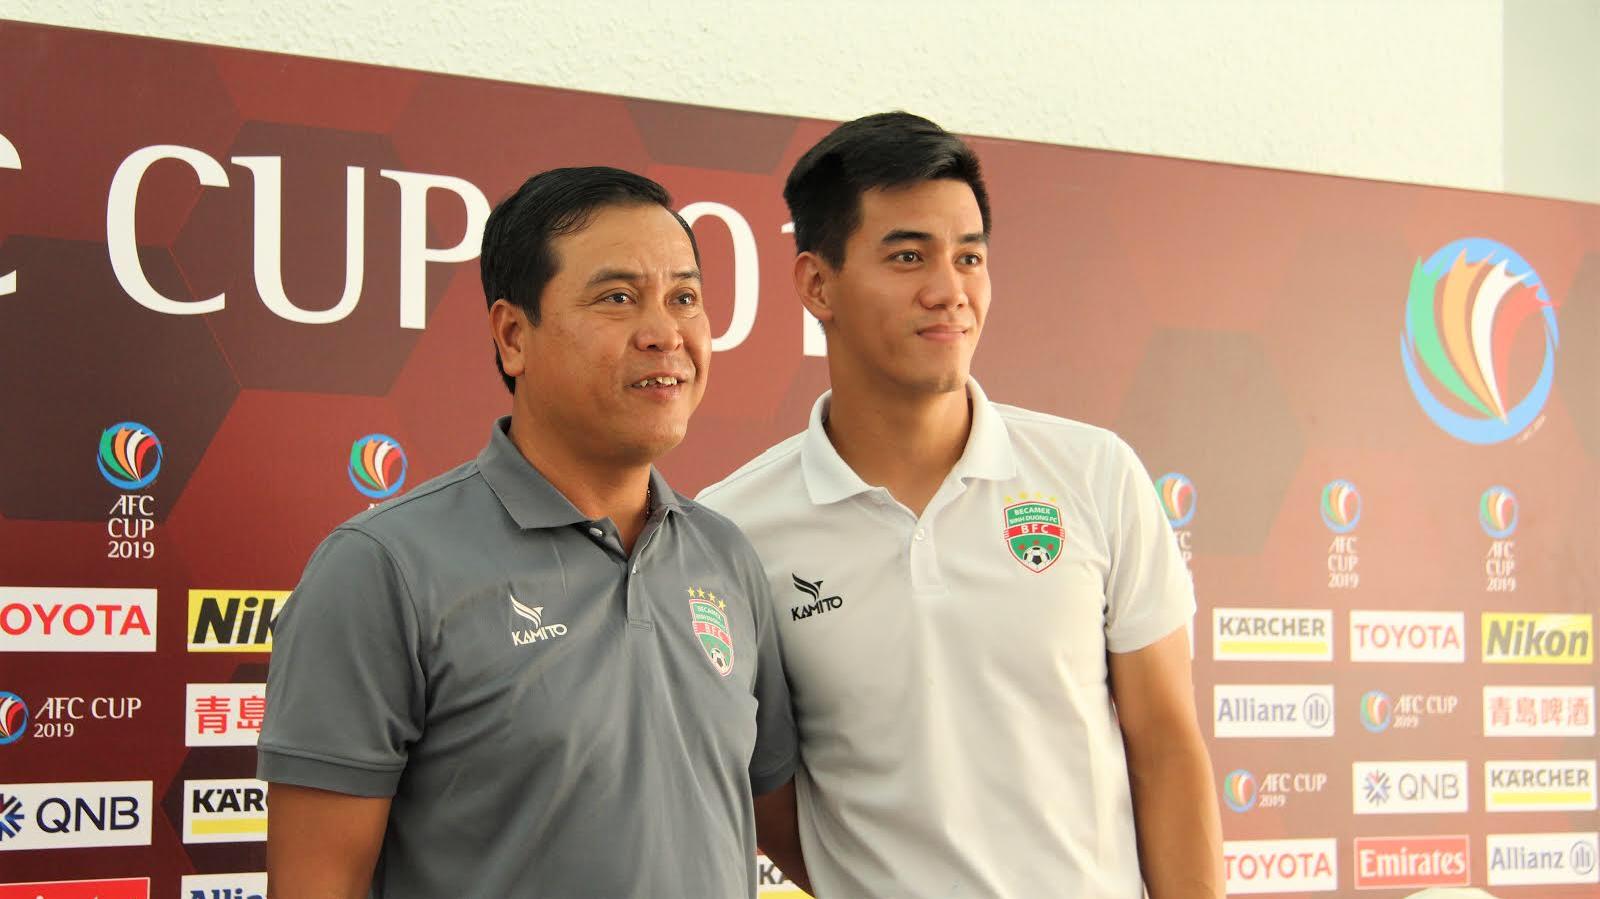 HLV Bình Dương lý giải về việc giảm án sớm cho cựu thủ môn ĐT Việt Nam